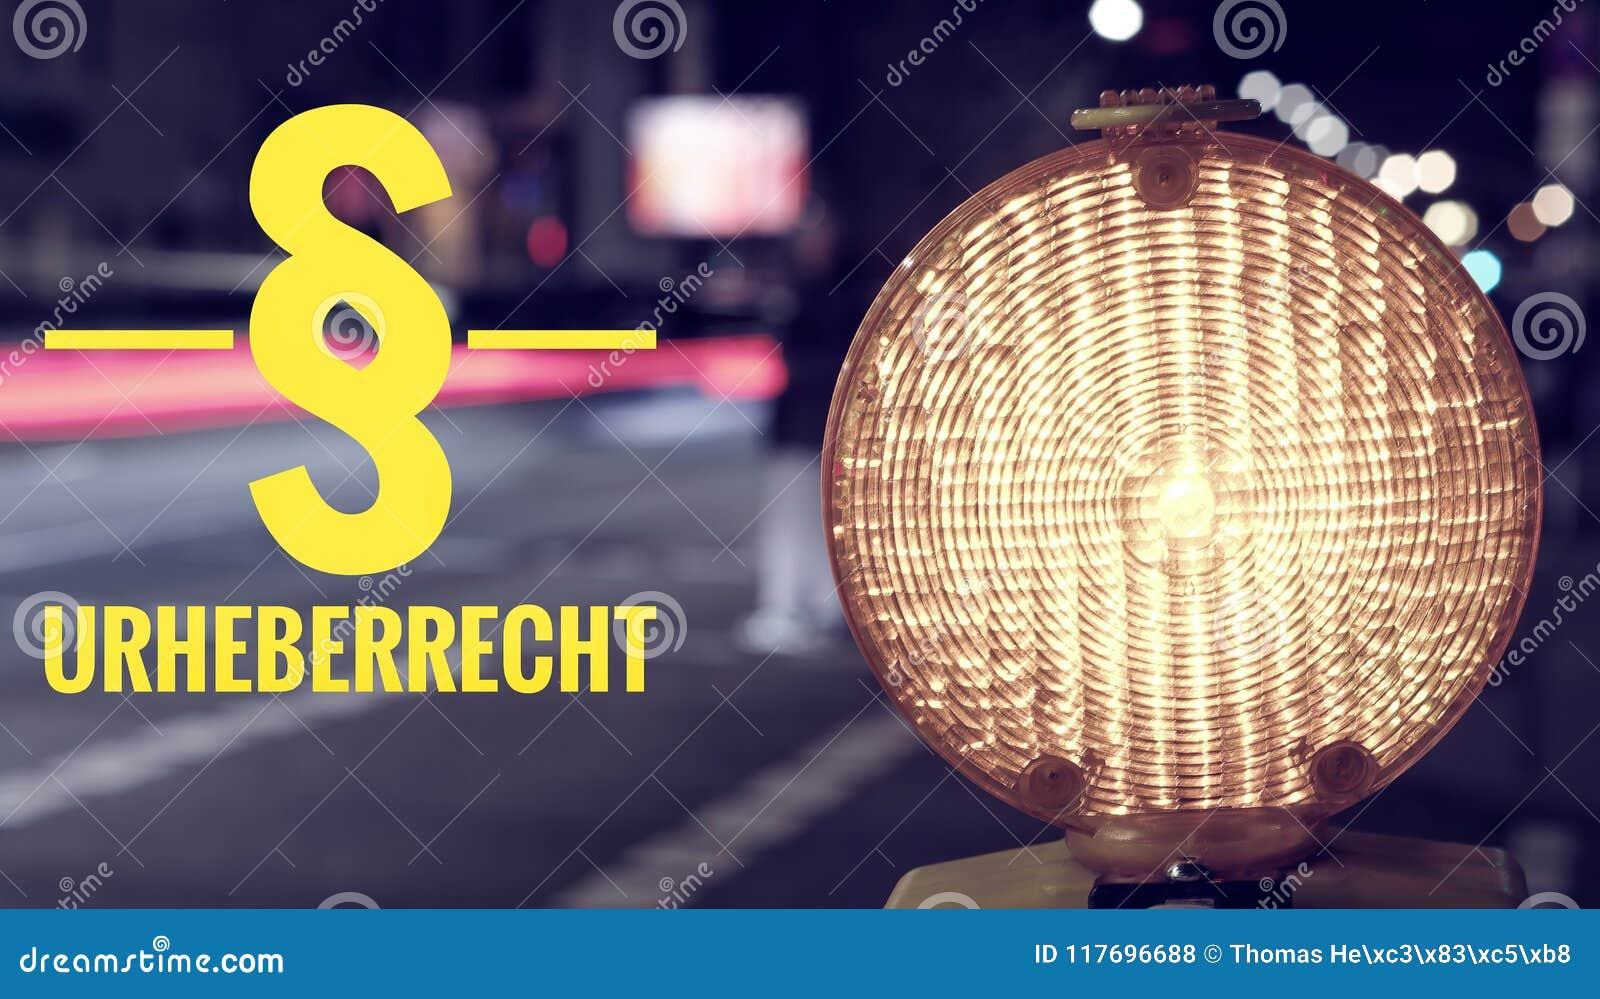 Bouwwerflamp en verkeer bij nacht met de inschrijving in Duitse § Urheberrecht in Engelse verduidelijking van auteursrecht